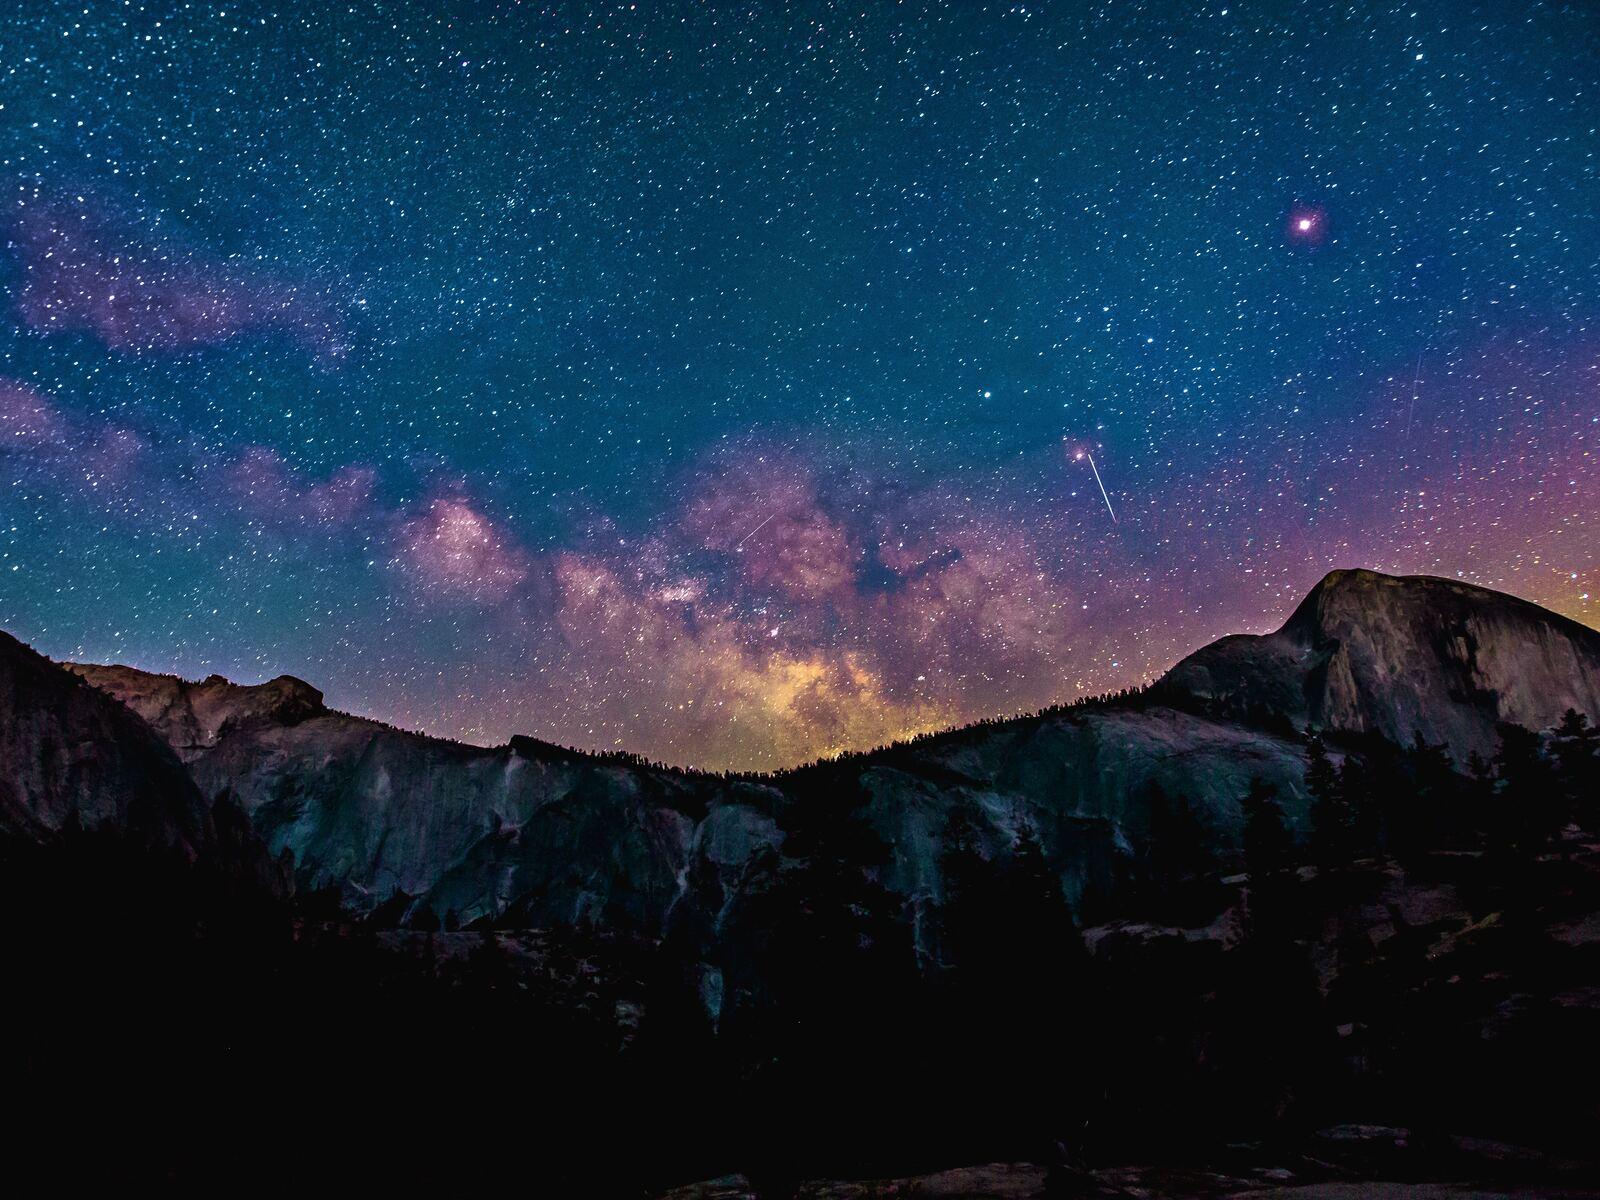 shooting-star-milkway-galaxy-night-sky-4k-mk.jpg